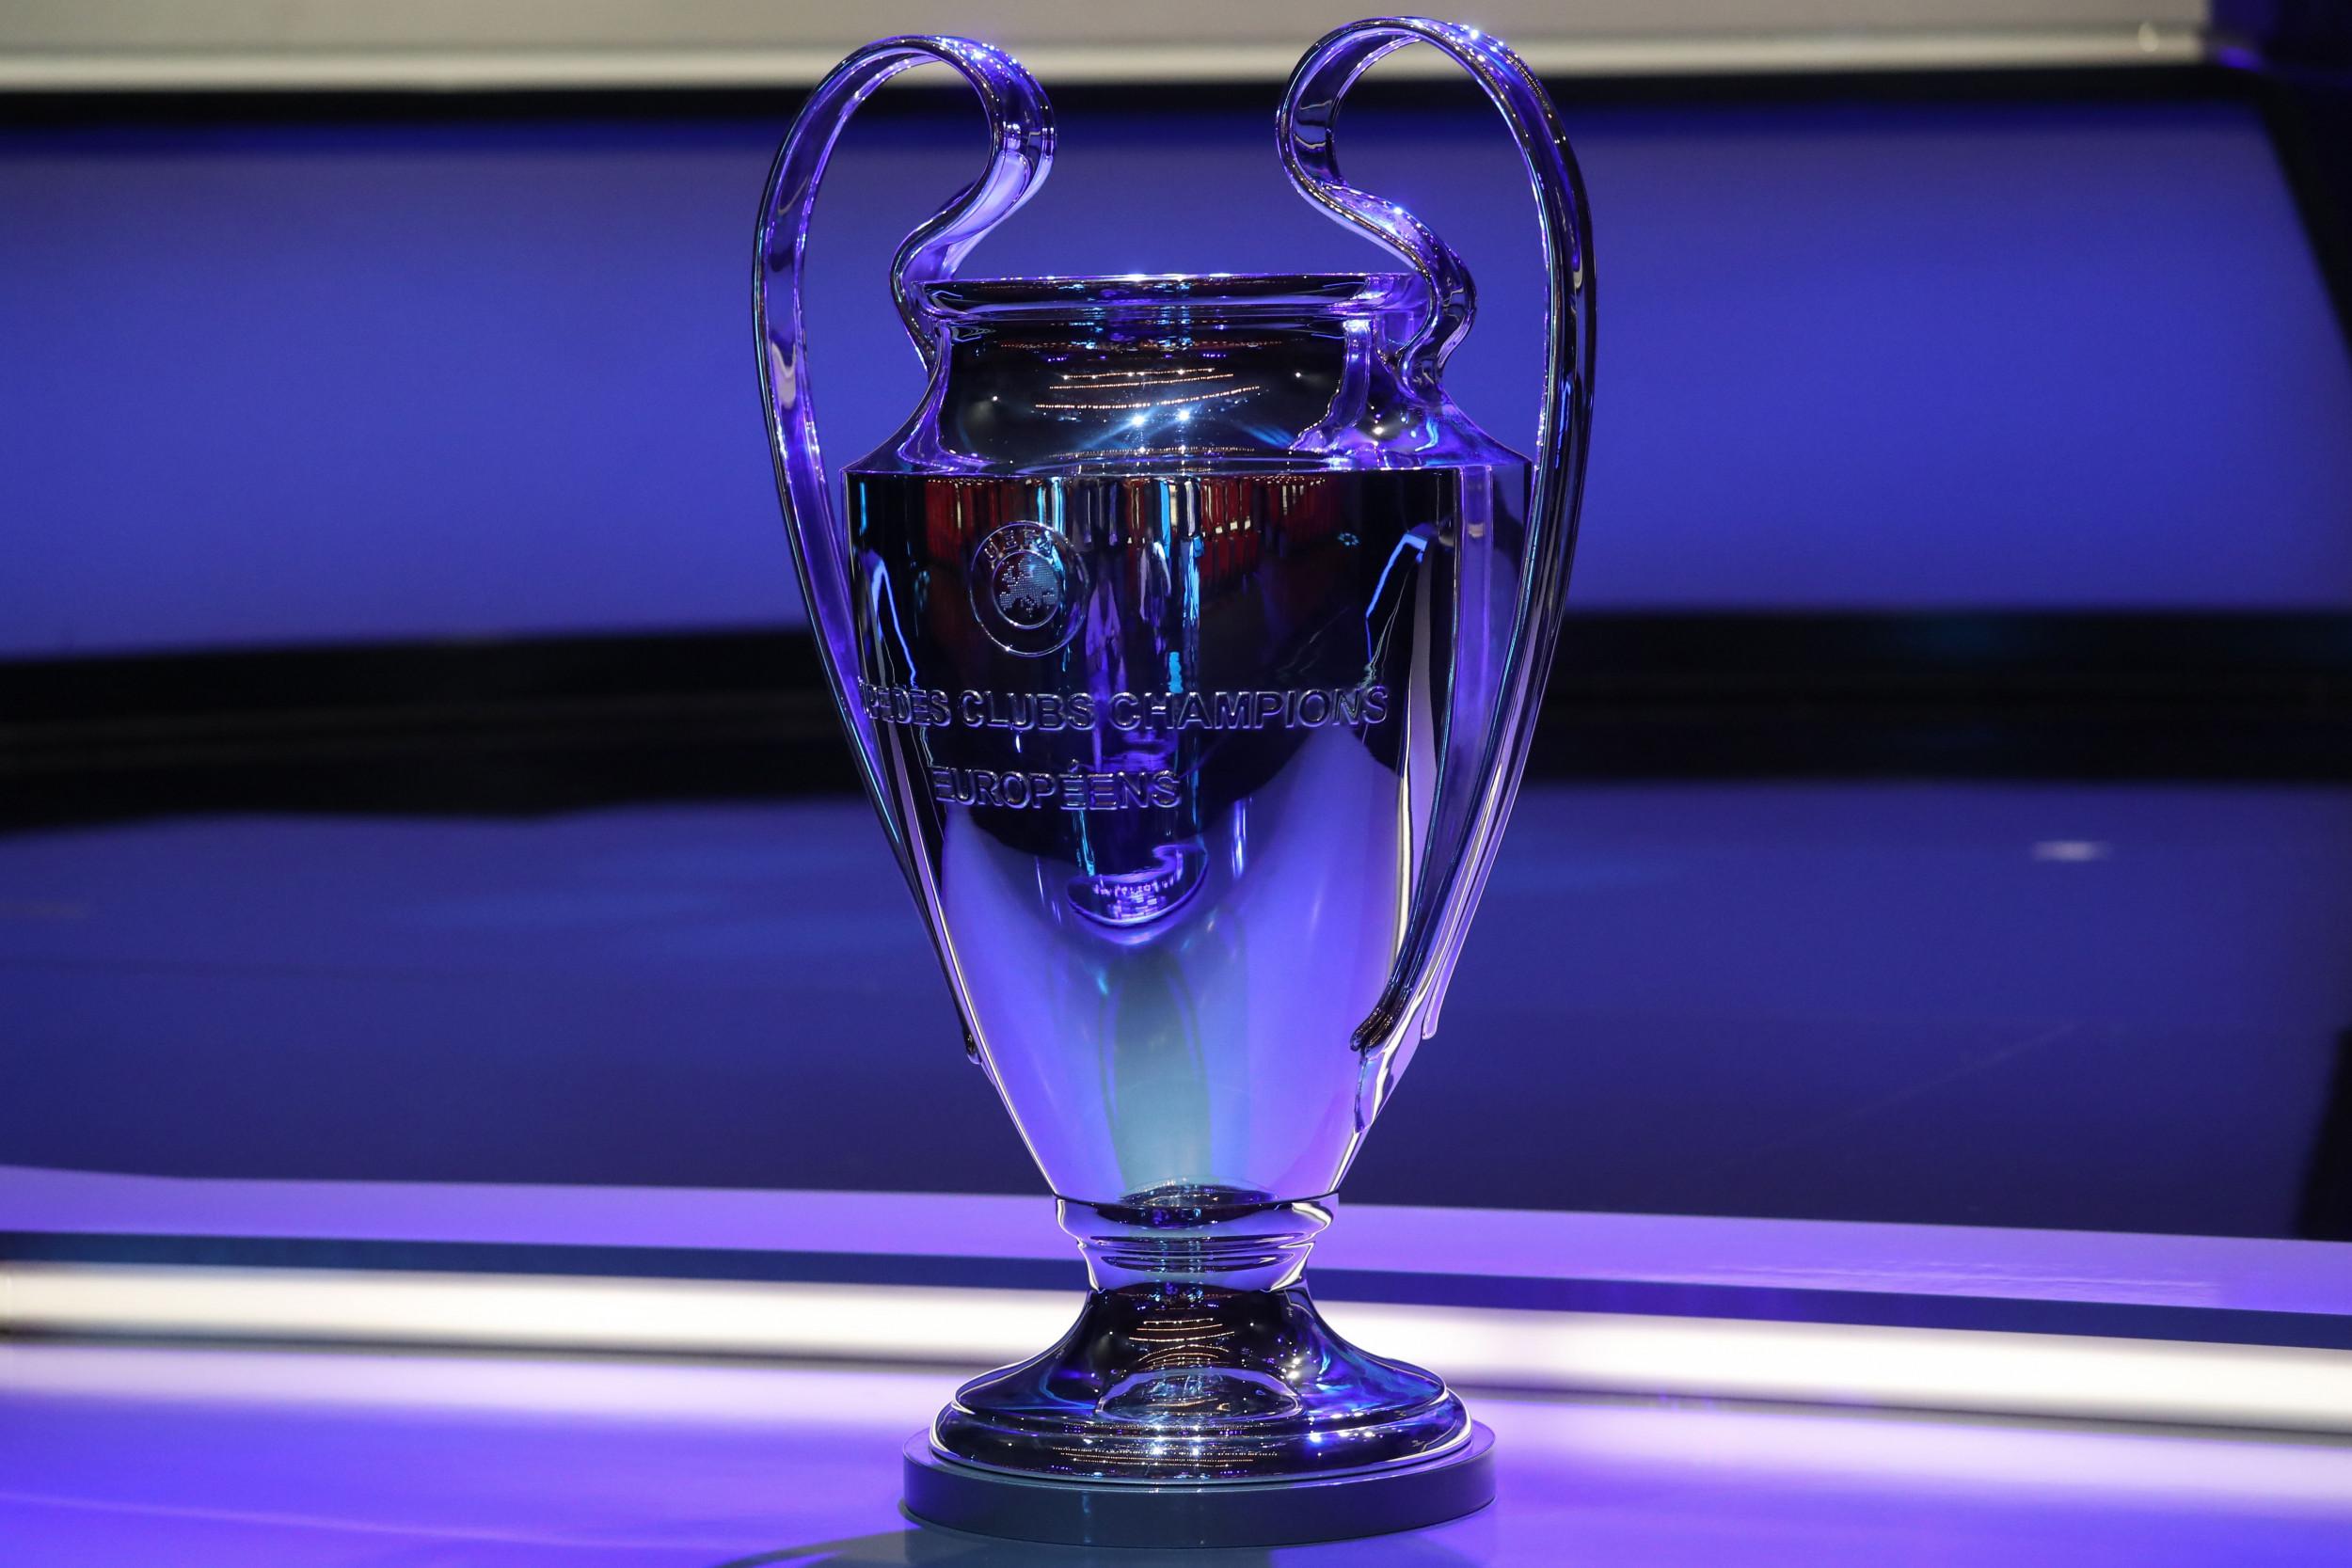 uefa champions league 2020 quarterfinals bracket tv schedule live stream uefa champions league 2020